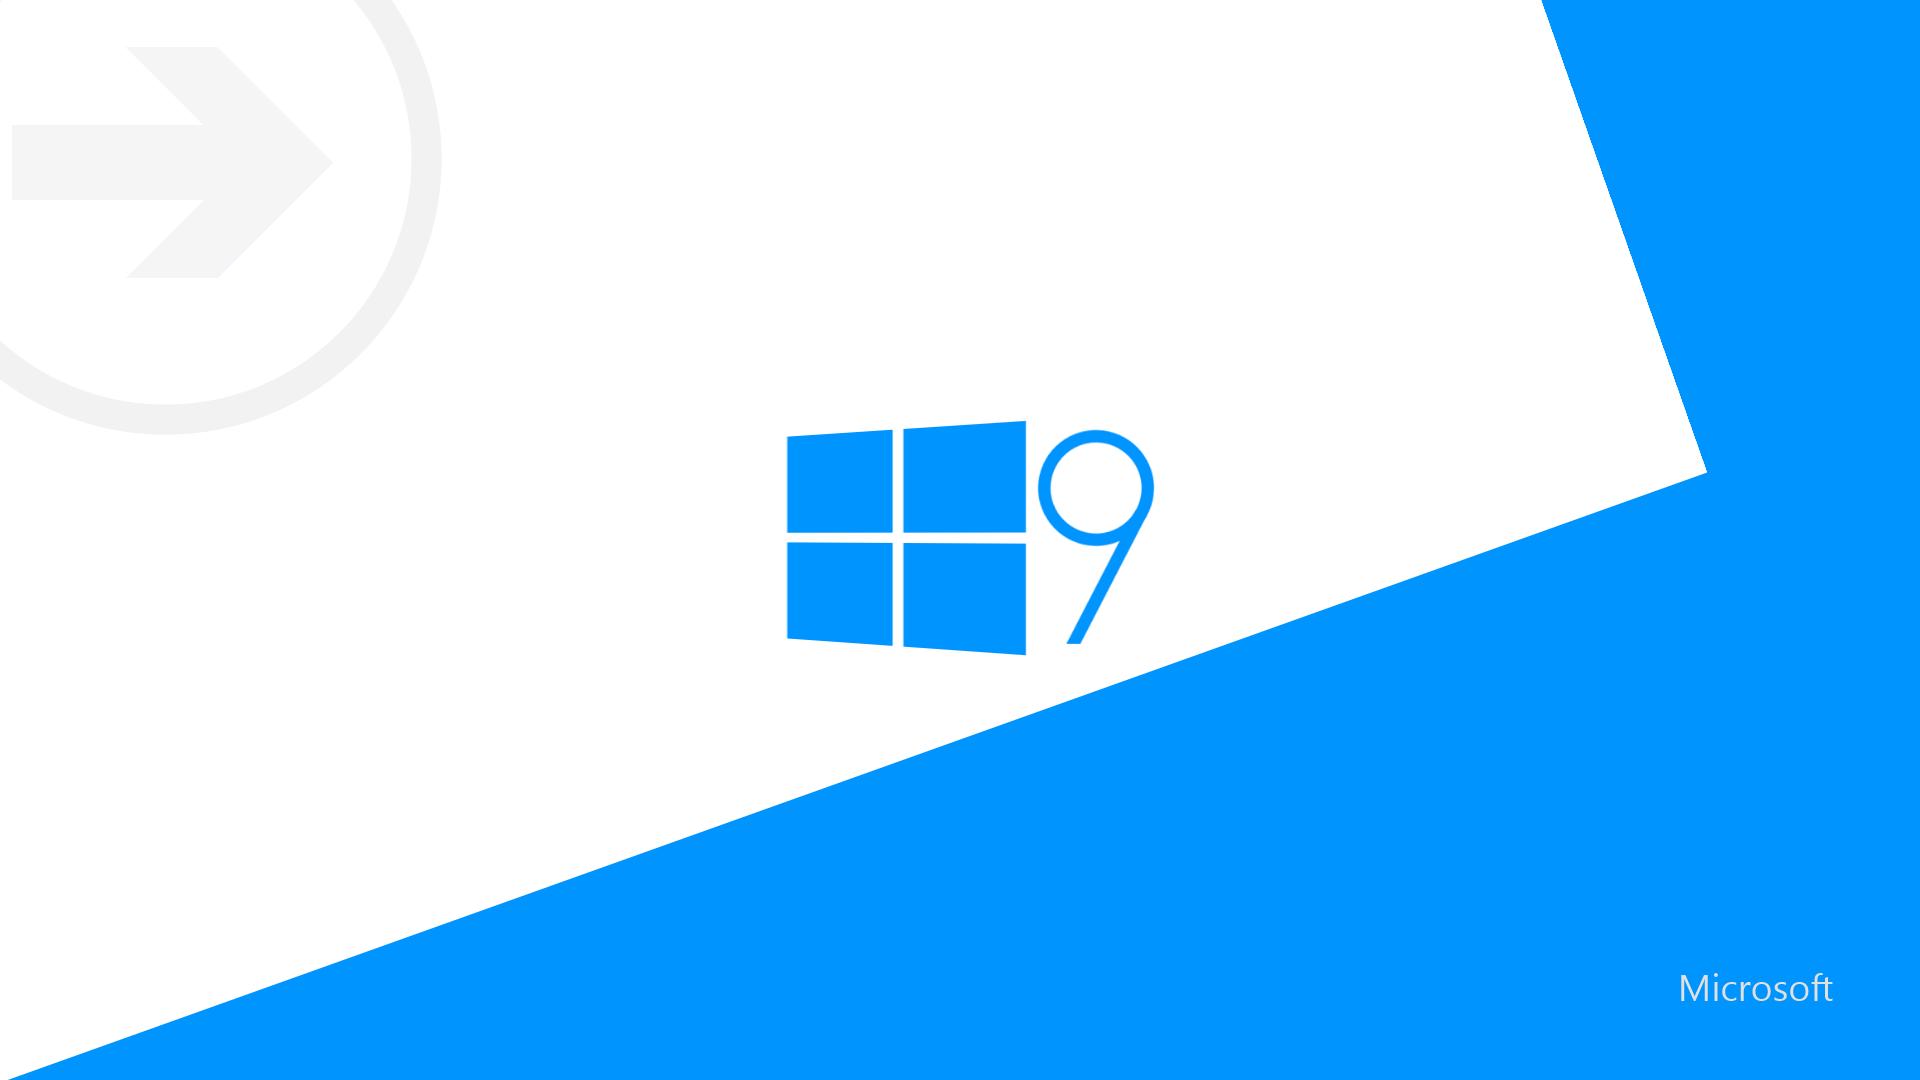 Pletykák a Windows 9-ről, mit várhatunk?